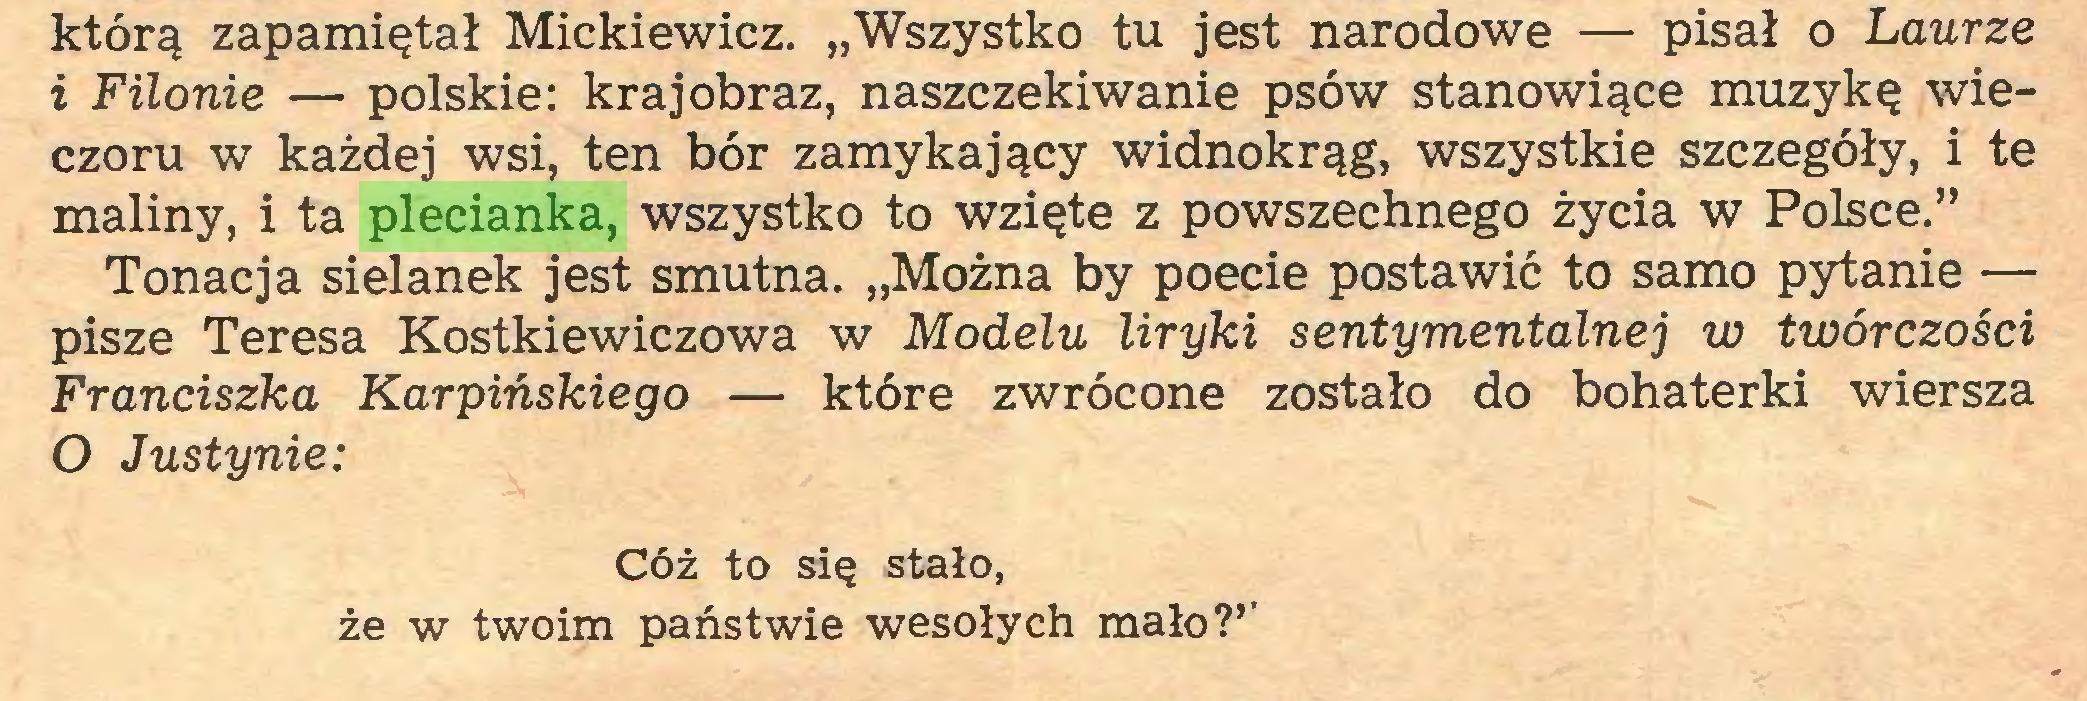 """(...) którą zapamiętał Mickiewicz. """"Wszystko tu jest narodowe — pisał o Laurze i Filonie — polskie: krajobraz, naszczekiwanie psów stanowiące muzykę wieczoru w każdej wsi, ten bór zamykający widnokrąg, wszystkie szczegóły, i te maliny, i ta plecianka, wszystko to wzięte z powszechnego życia w Polsce."""" Tonacja sielanek jest smutna. """"Można by poecie postawić to samo pytanie — pisze Teresa Kostkiewiczowa w Modelu liryki sentymentalnej w twórczości Franciszka Karpińskiego — które zwrócone zostało do bohaterki wiersza O Justynie: Cóż to się stało, że w twoim państwie wesołych mało?''..."""